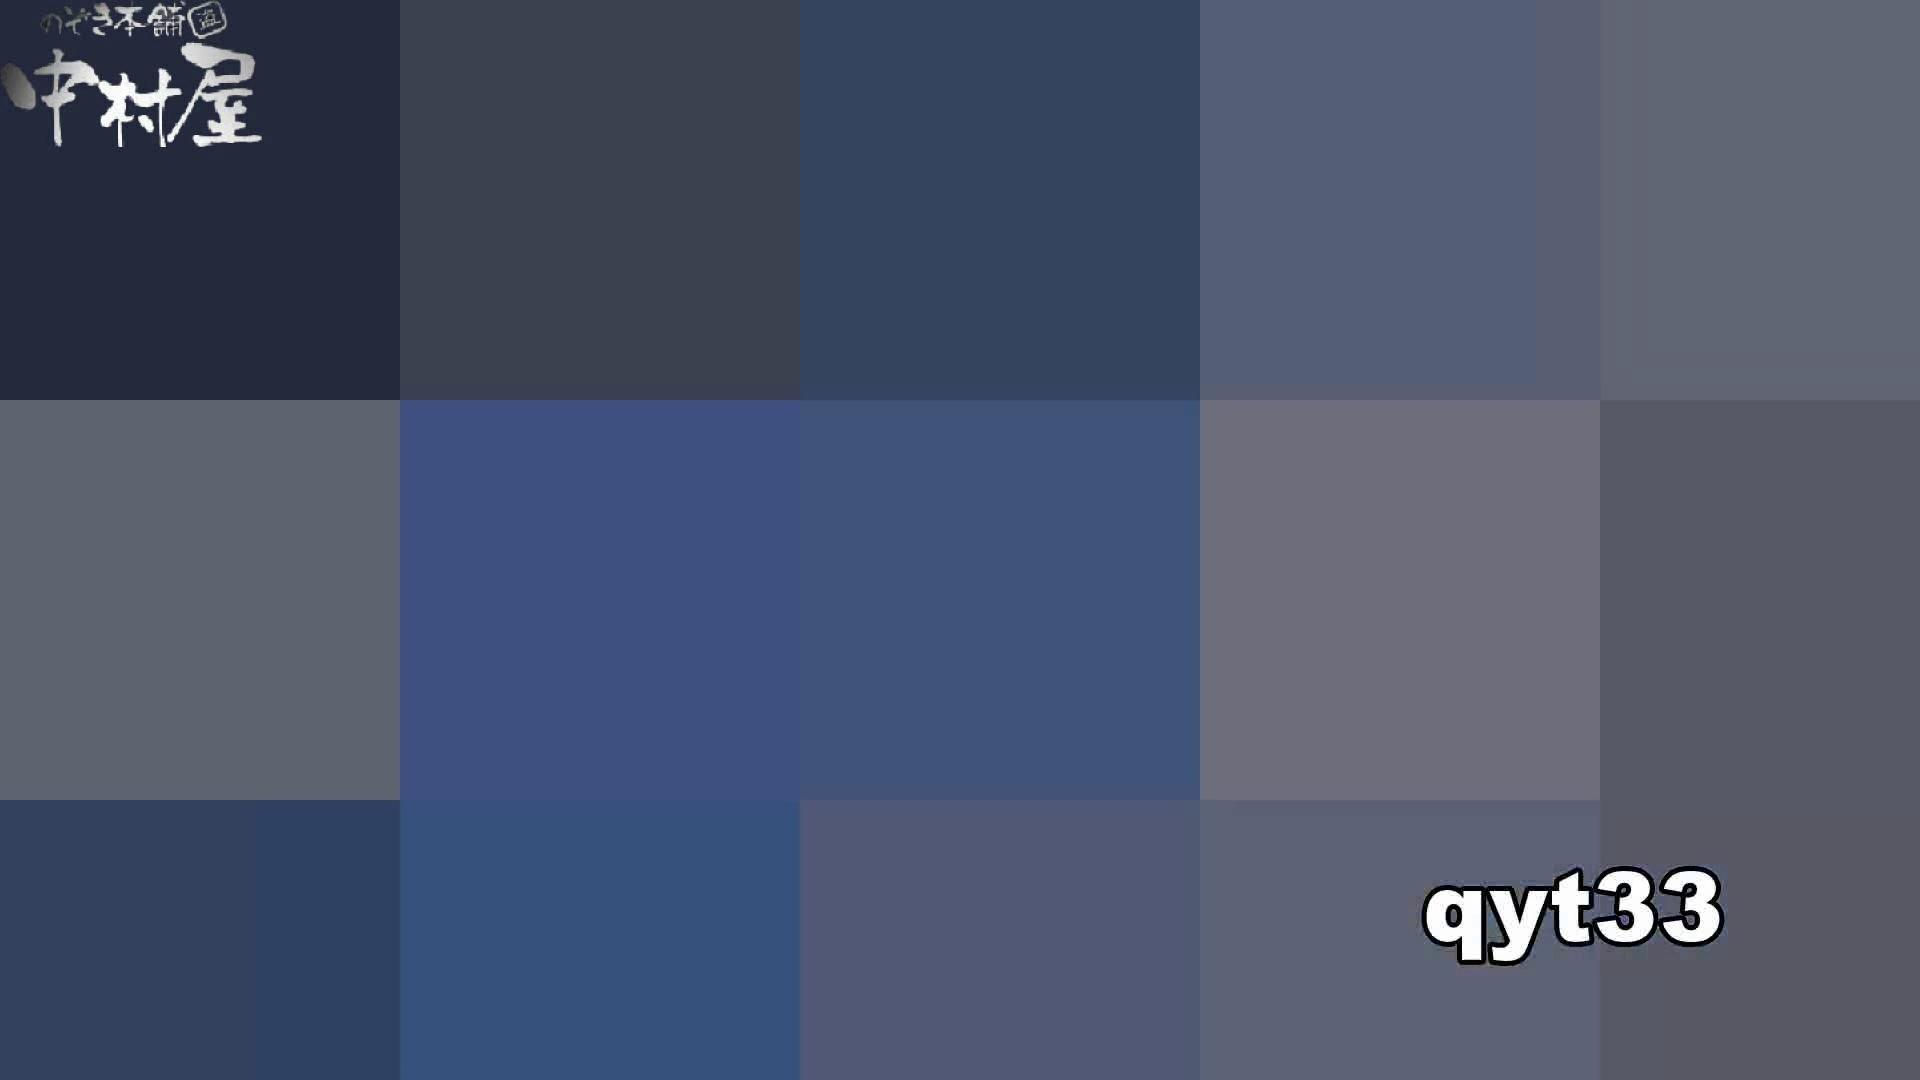 【お銀さんの「洗面所突入レポート!!」】お銀さんの「洗面所突入レポート!!」 vol.33 獲物は逃しません 洗面所突入  101pic 68